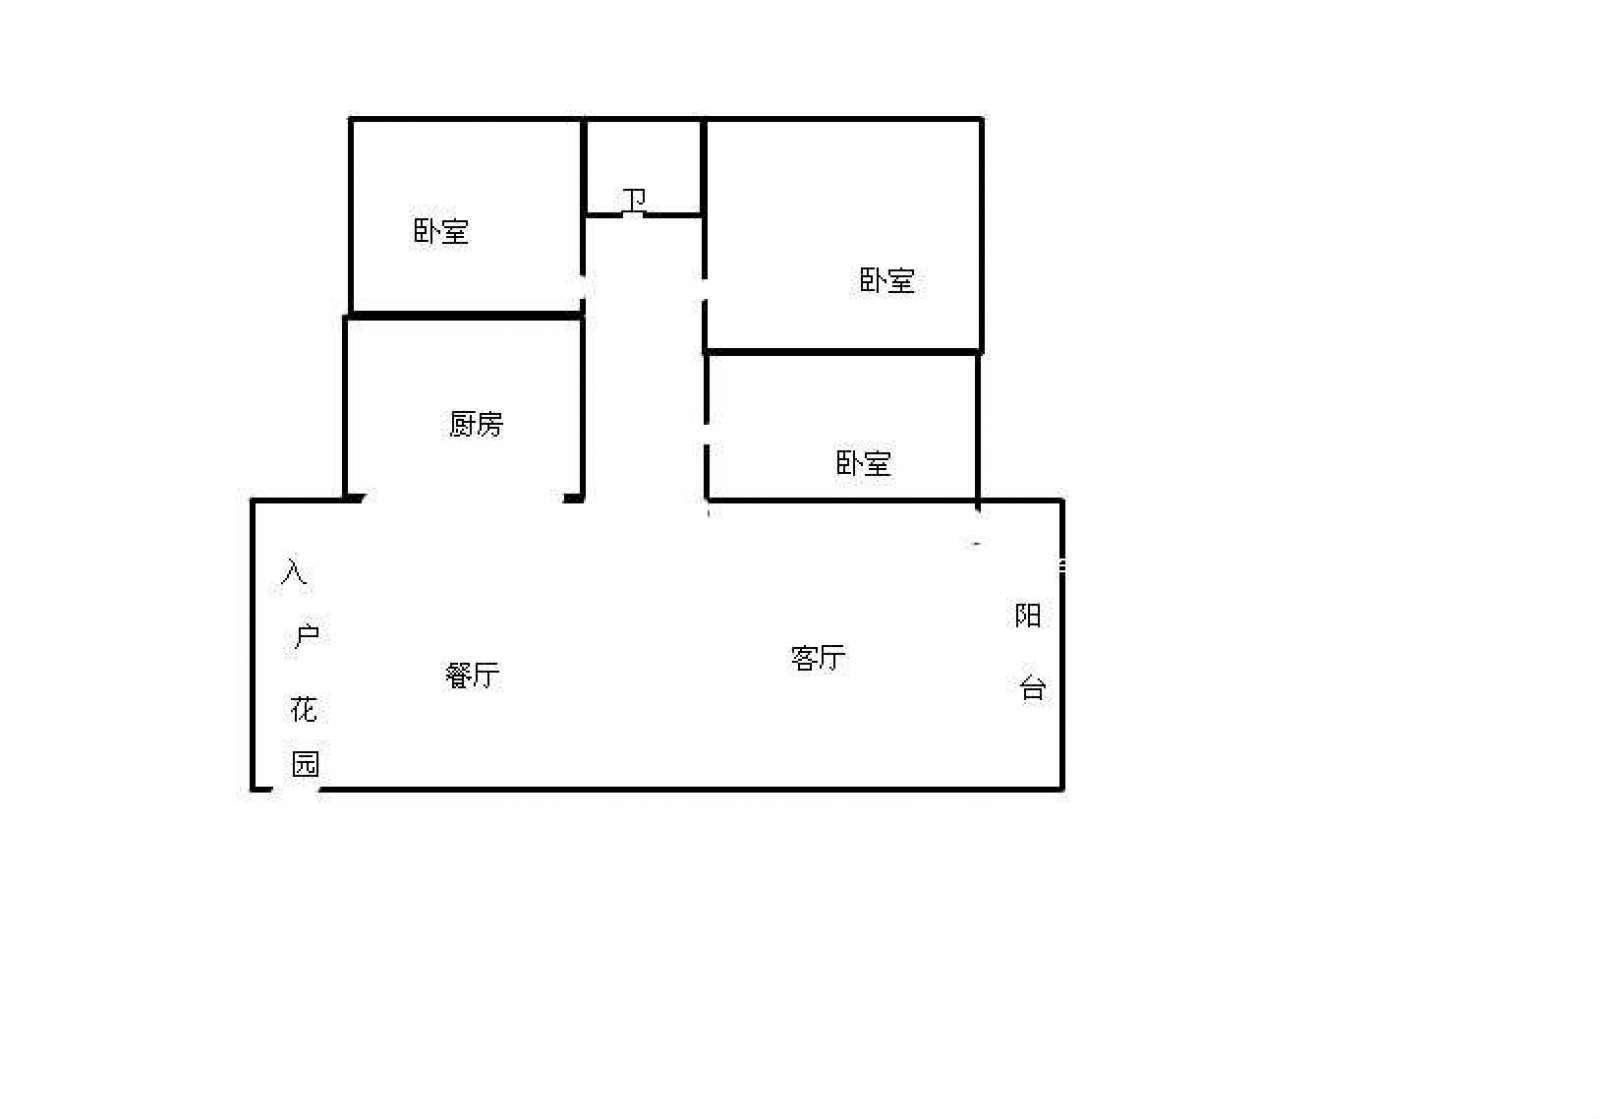 万达华府 3室2厅116㎡